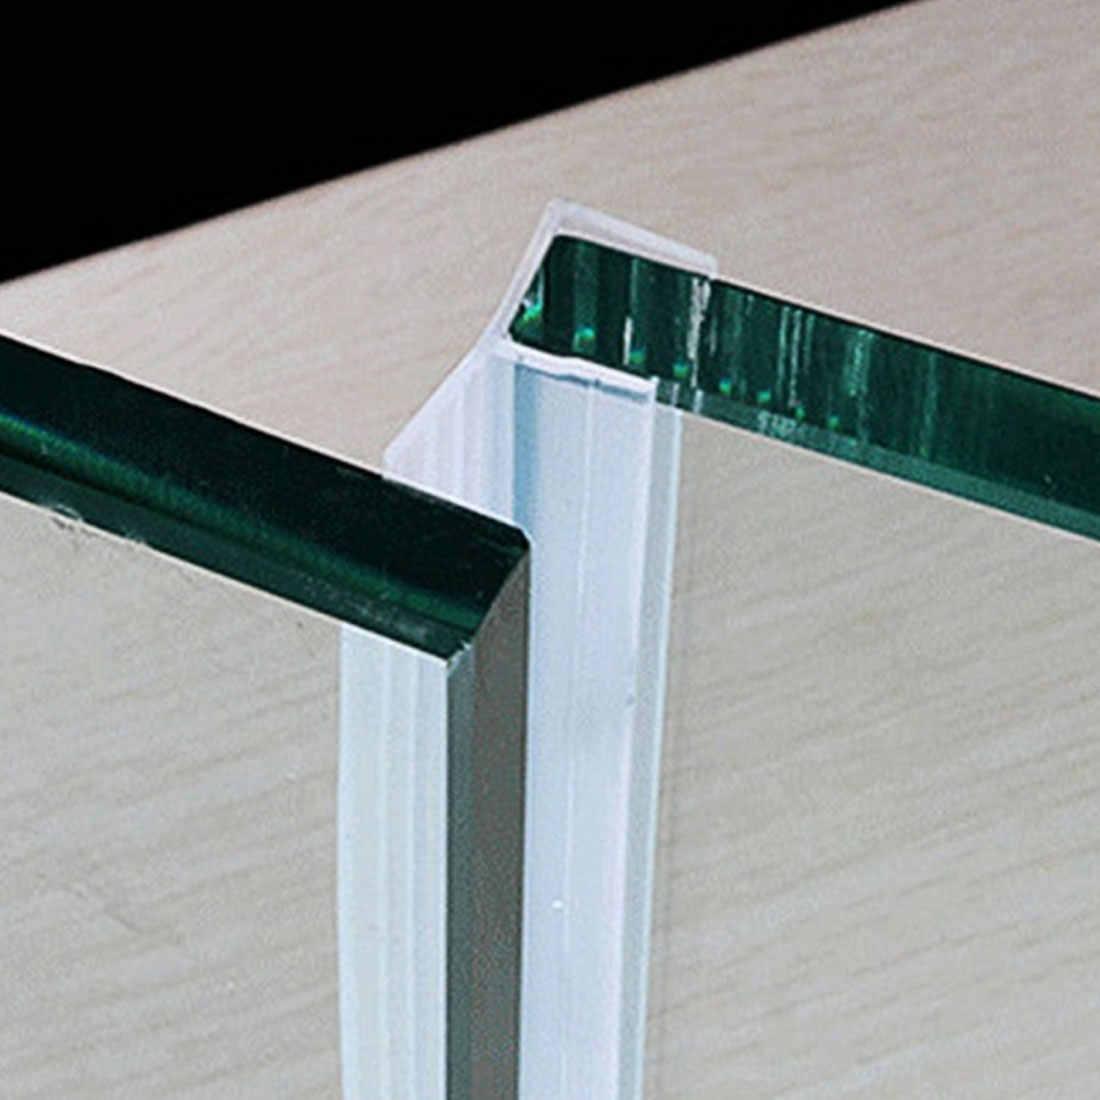 1M 6-12mm F U w kształcie litery H szklane drzwi uszczelki z gumy silikonowej drzwi prysznicowe szklane okno uszczelnienie taśma uszczelniająca okna drzwi